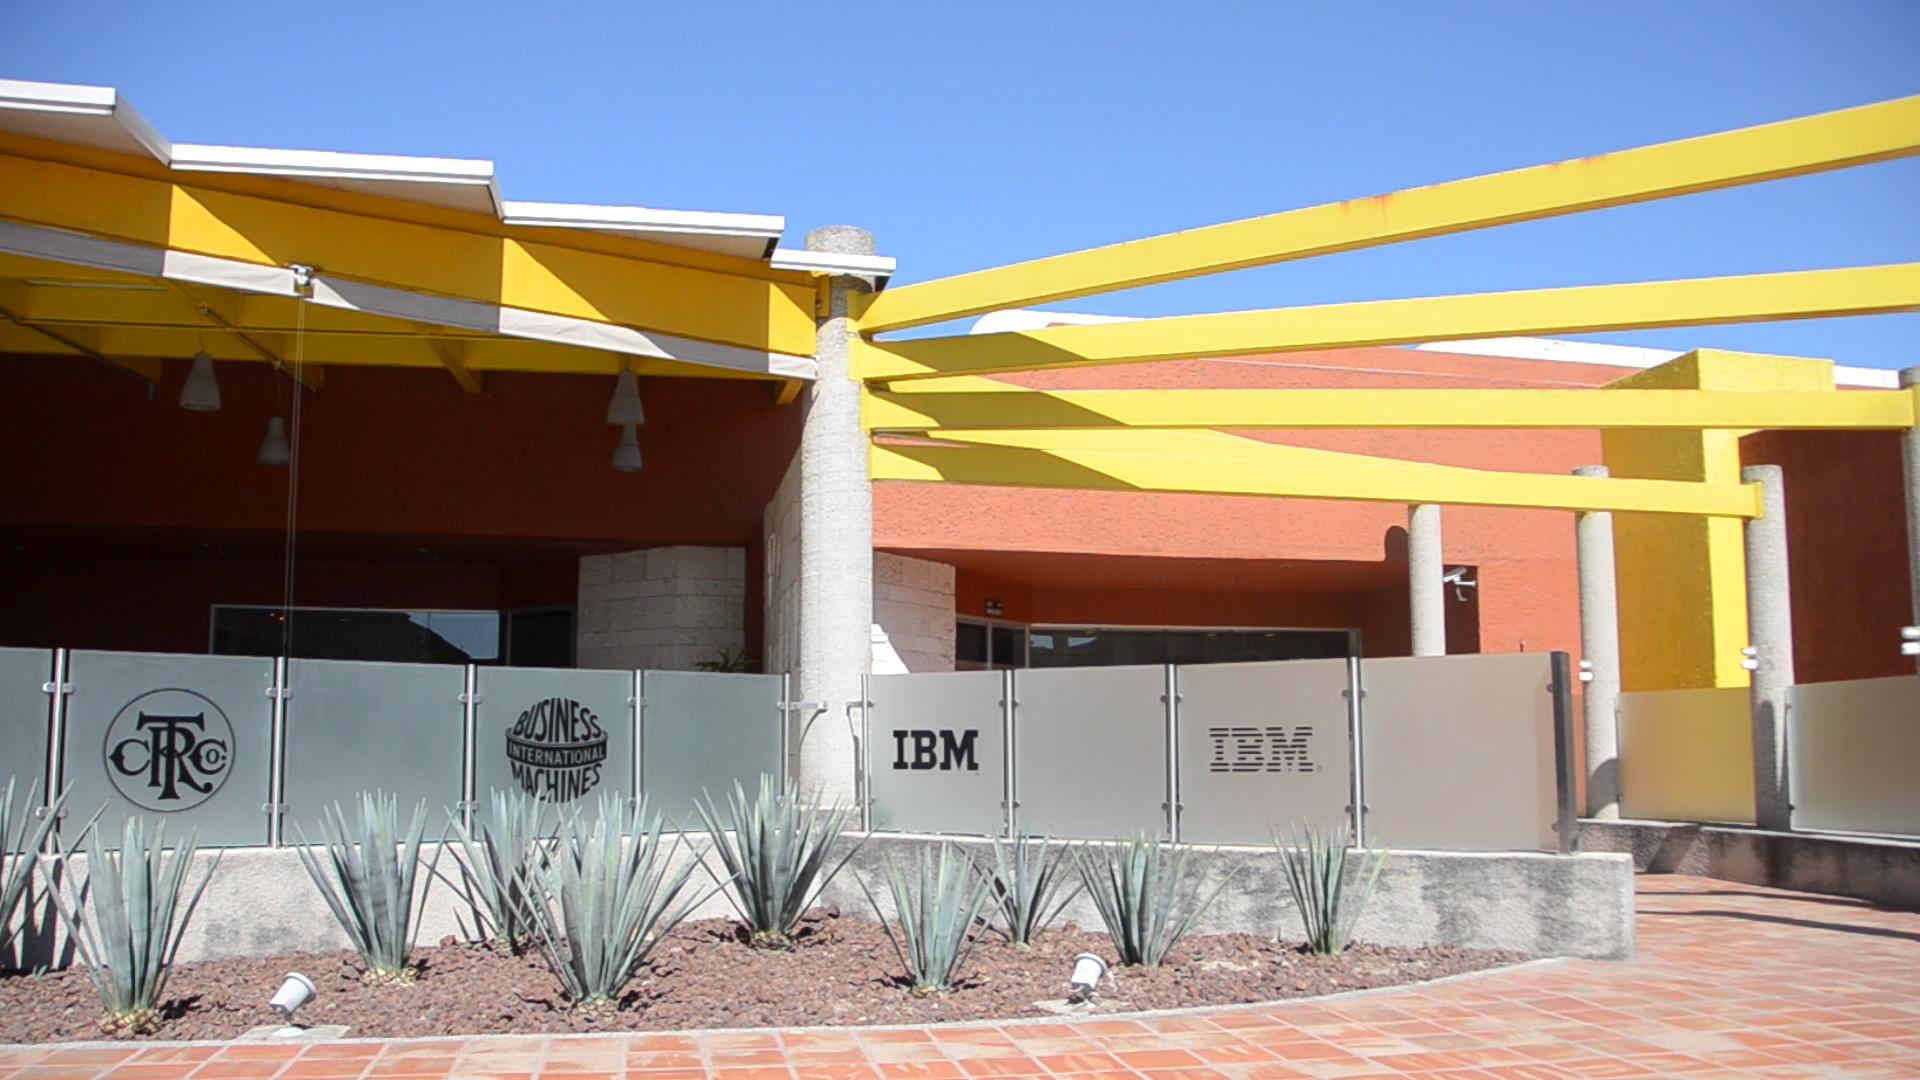 El presente y futuro de IBM. Una visita al Campus de Guadalajara